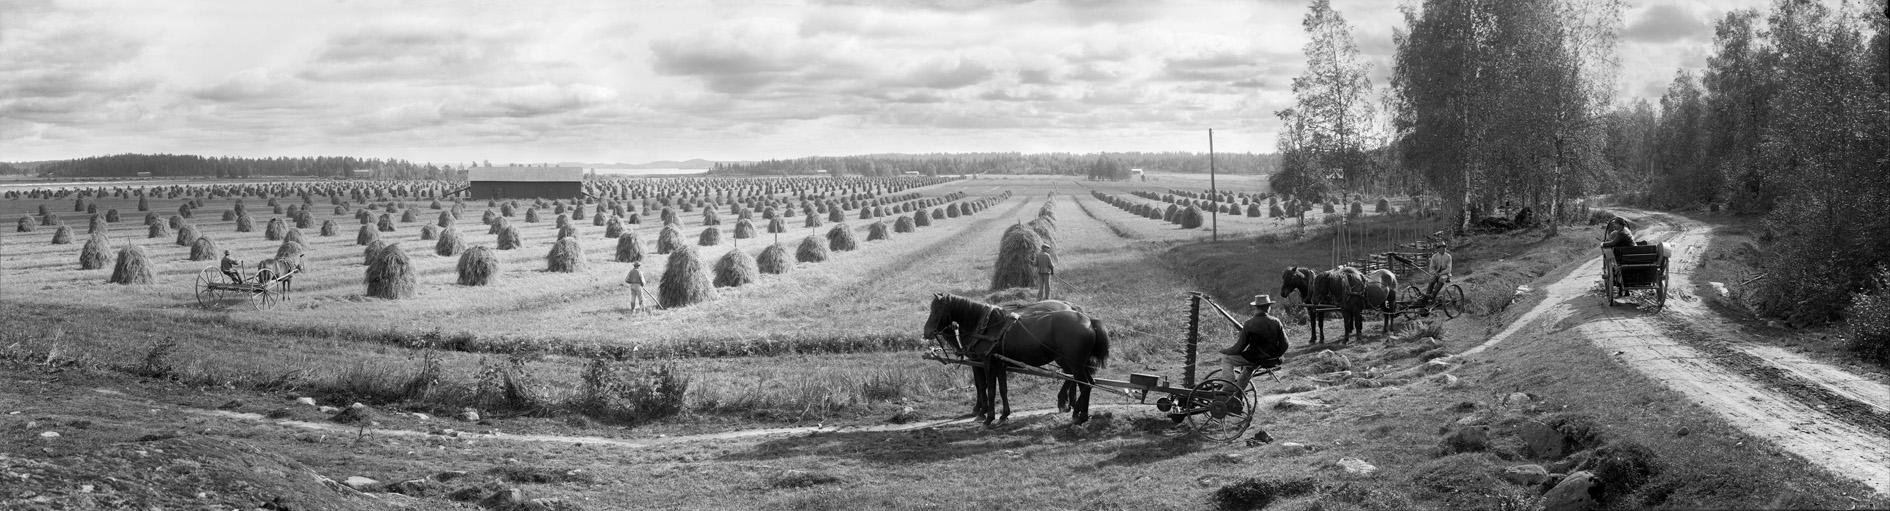 Mustiala fields, Finland, 1899